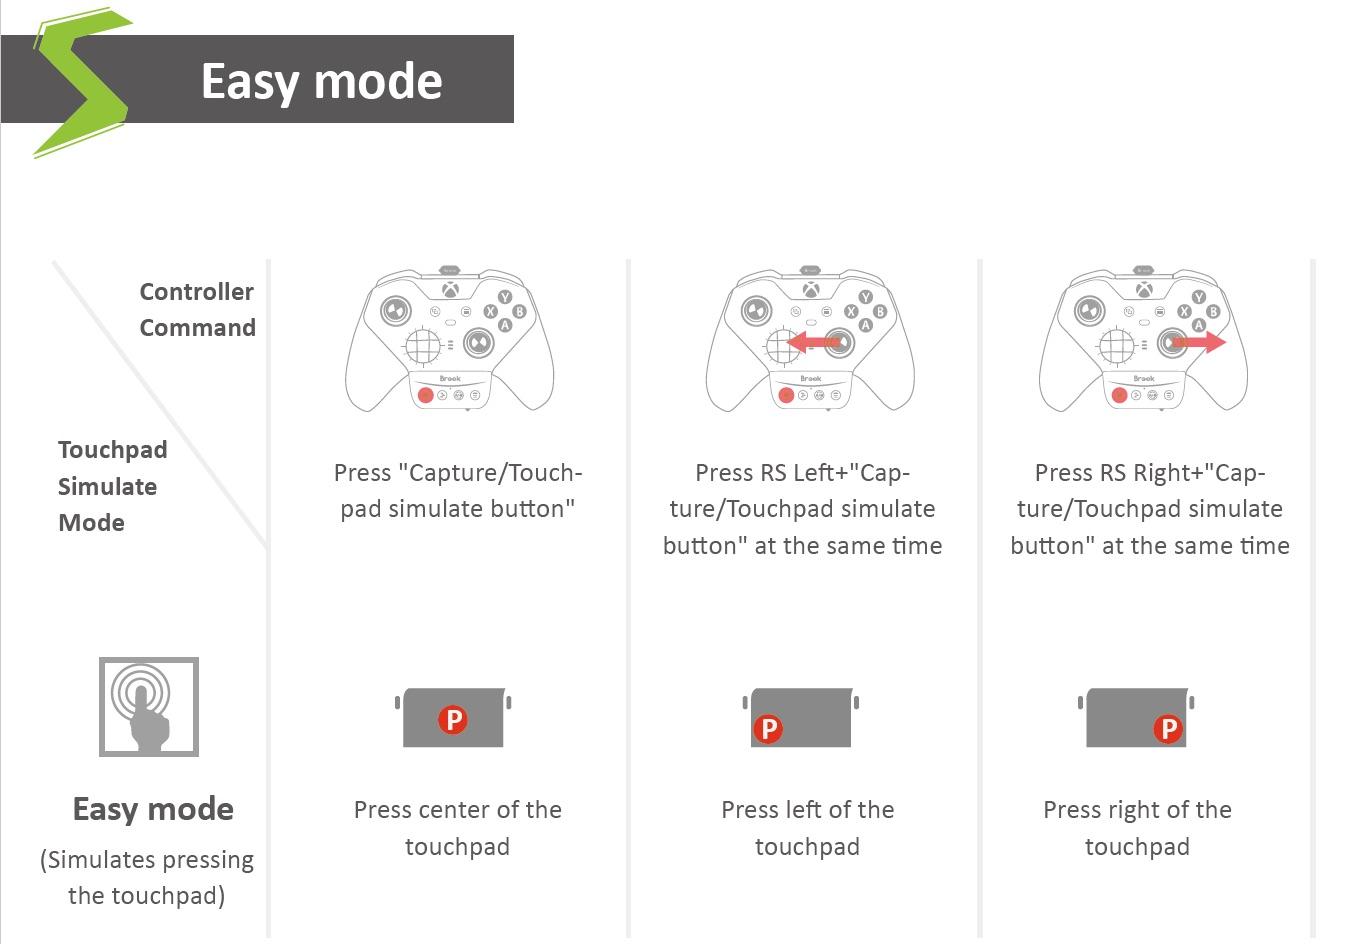 xse-easy-mode.jpg